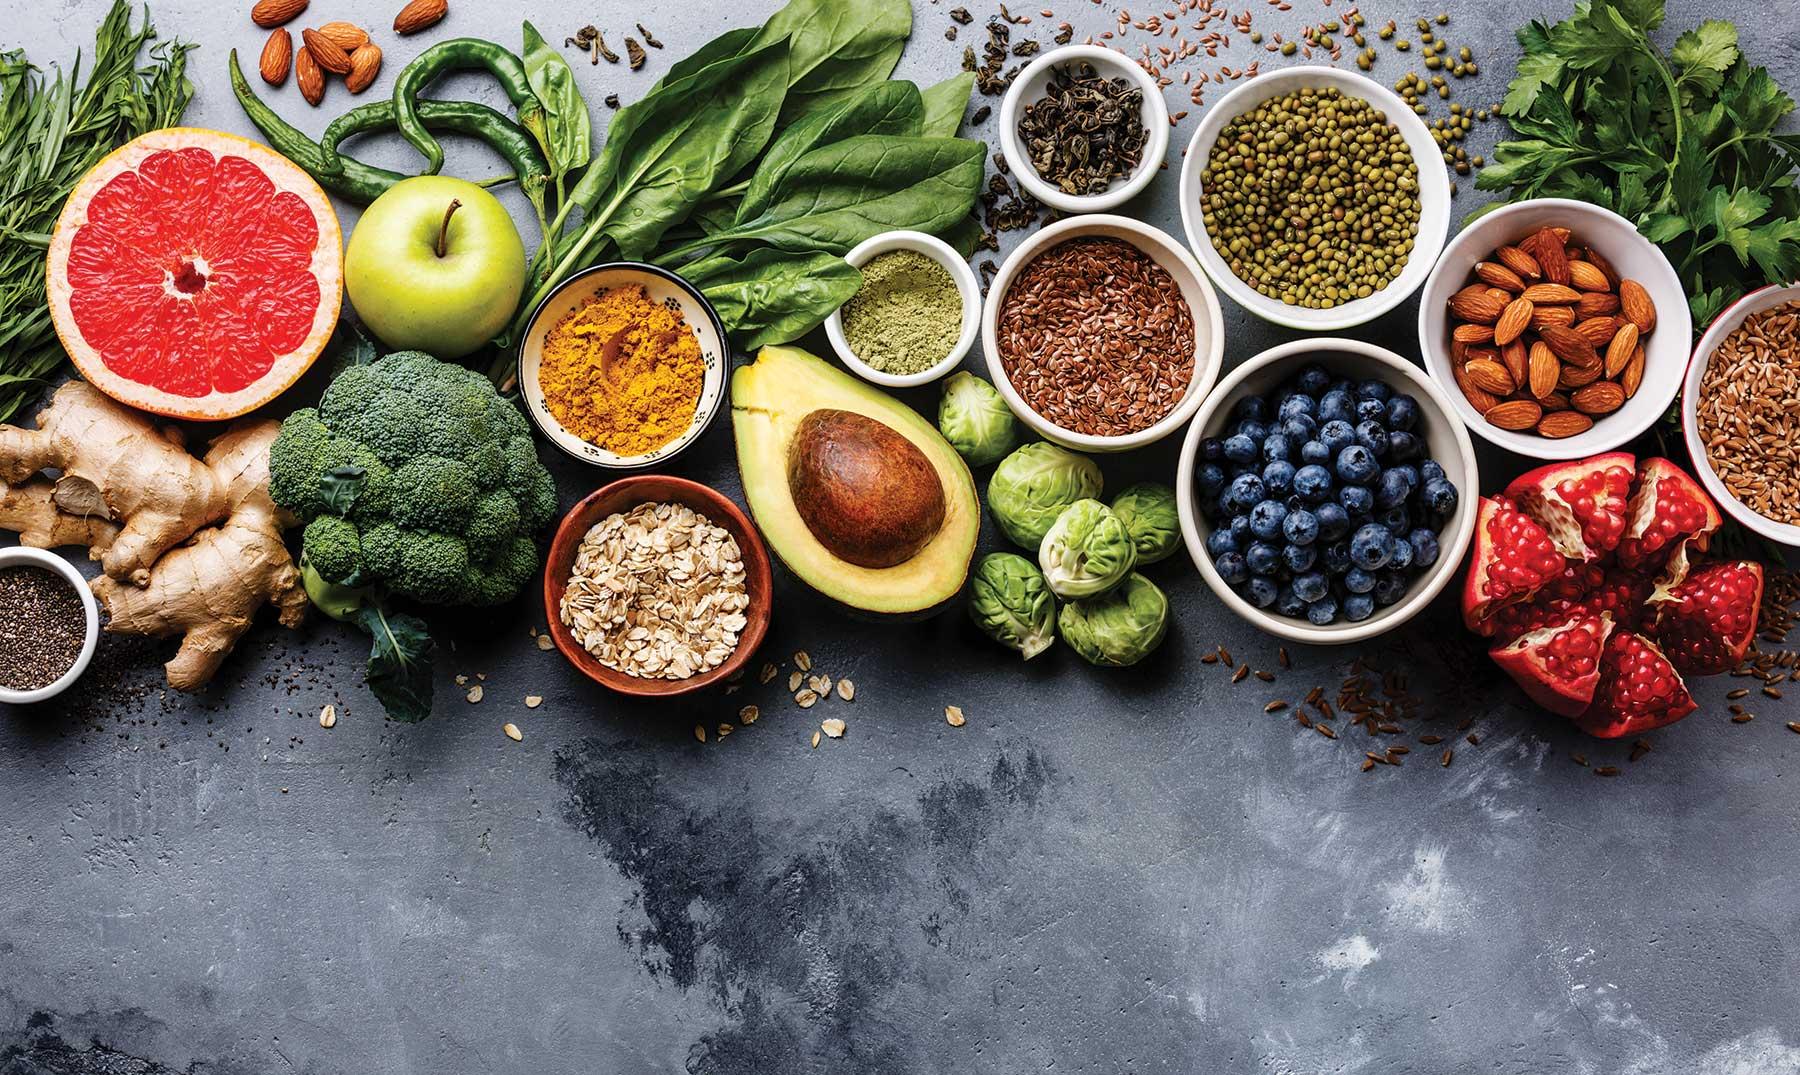 lista de alimentos saludables durante el embarazo